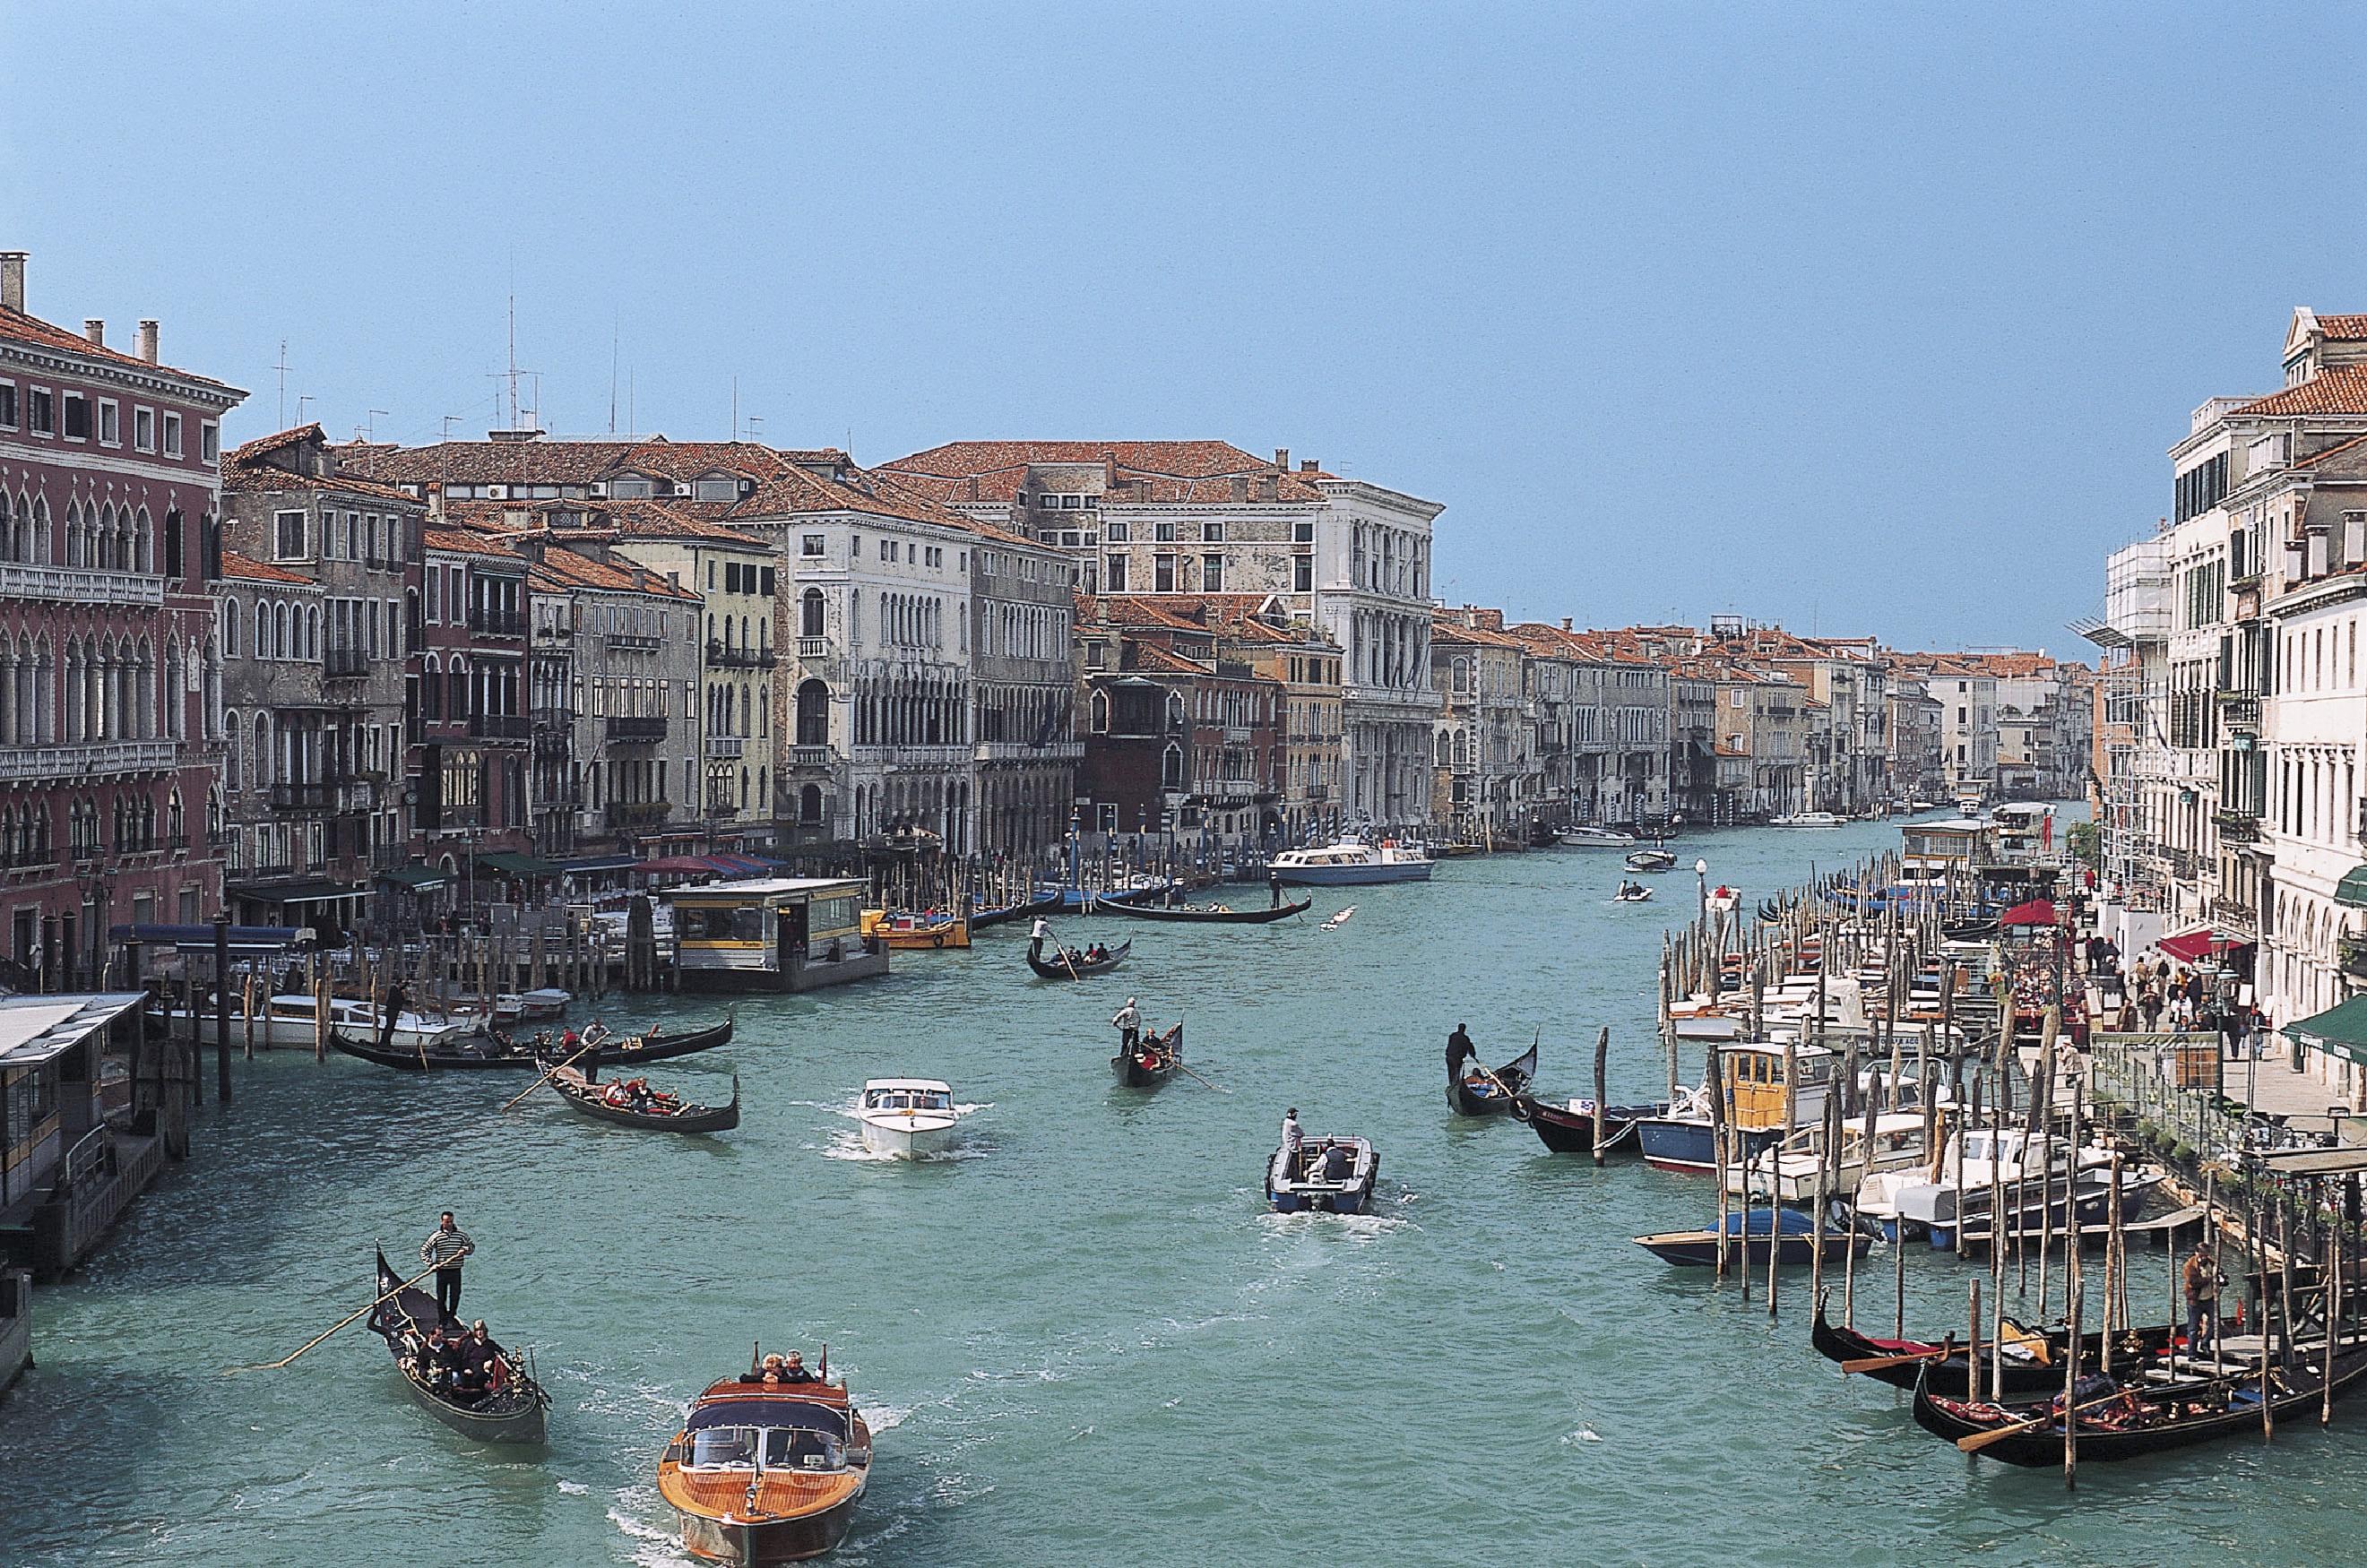 Cruceros desde Venecia: Destinos y consejos